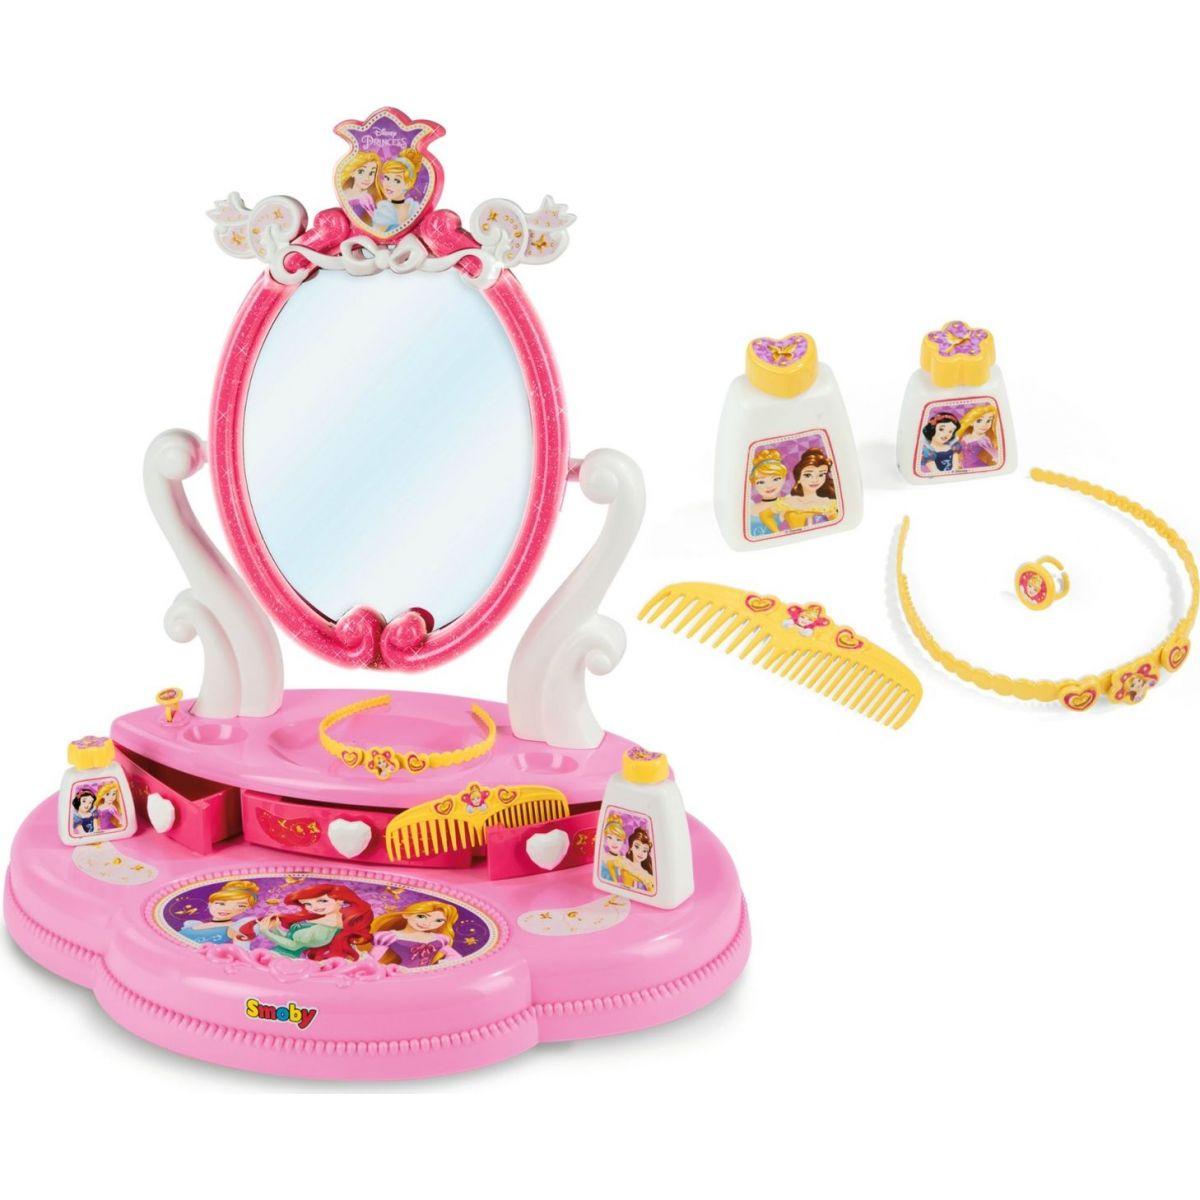 Smoby Disney Princess Toaletka Smoby